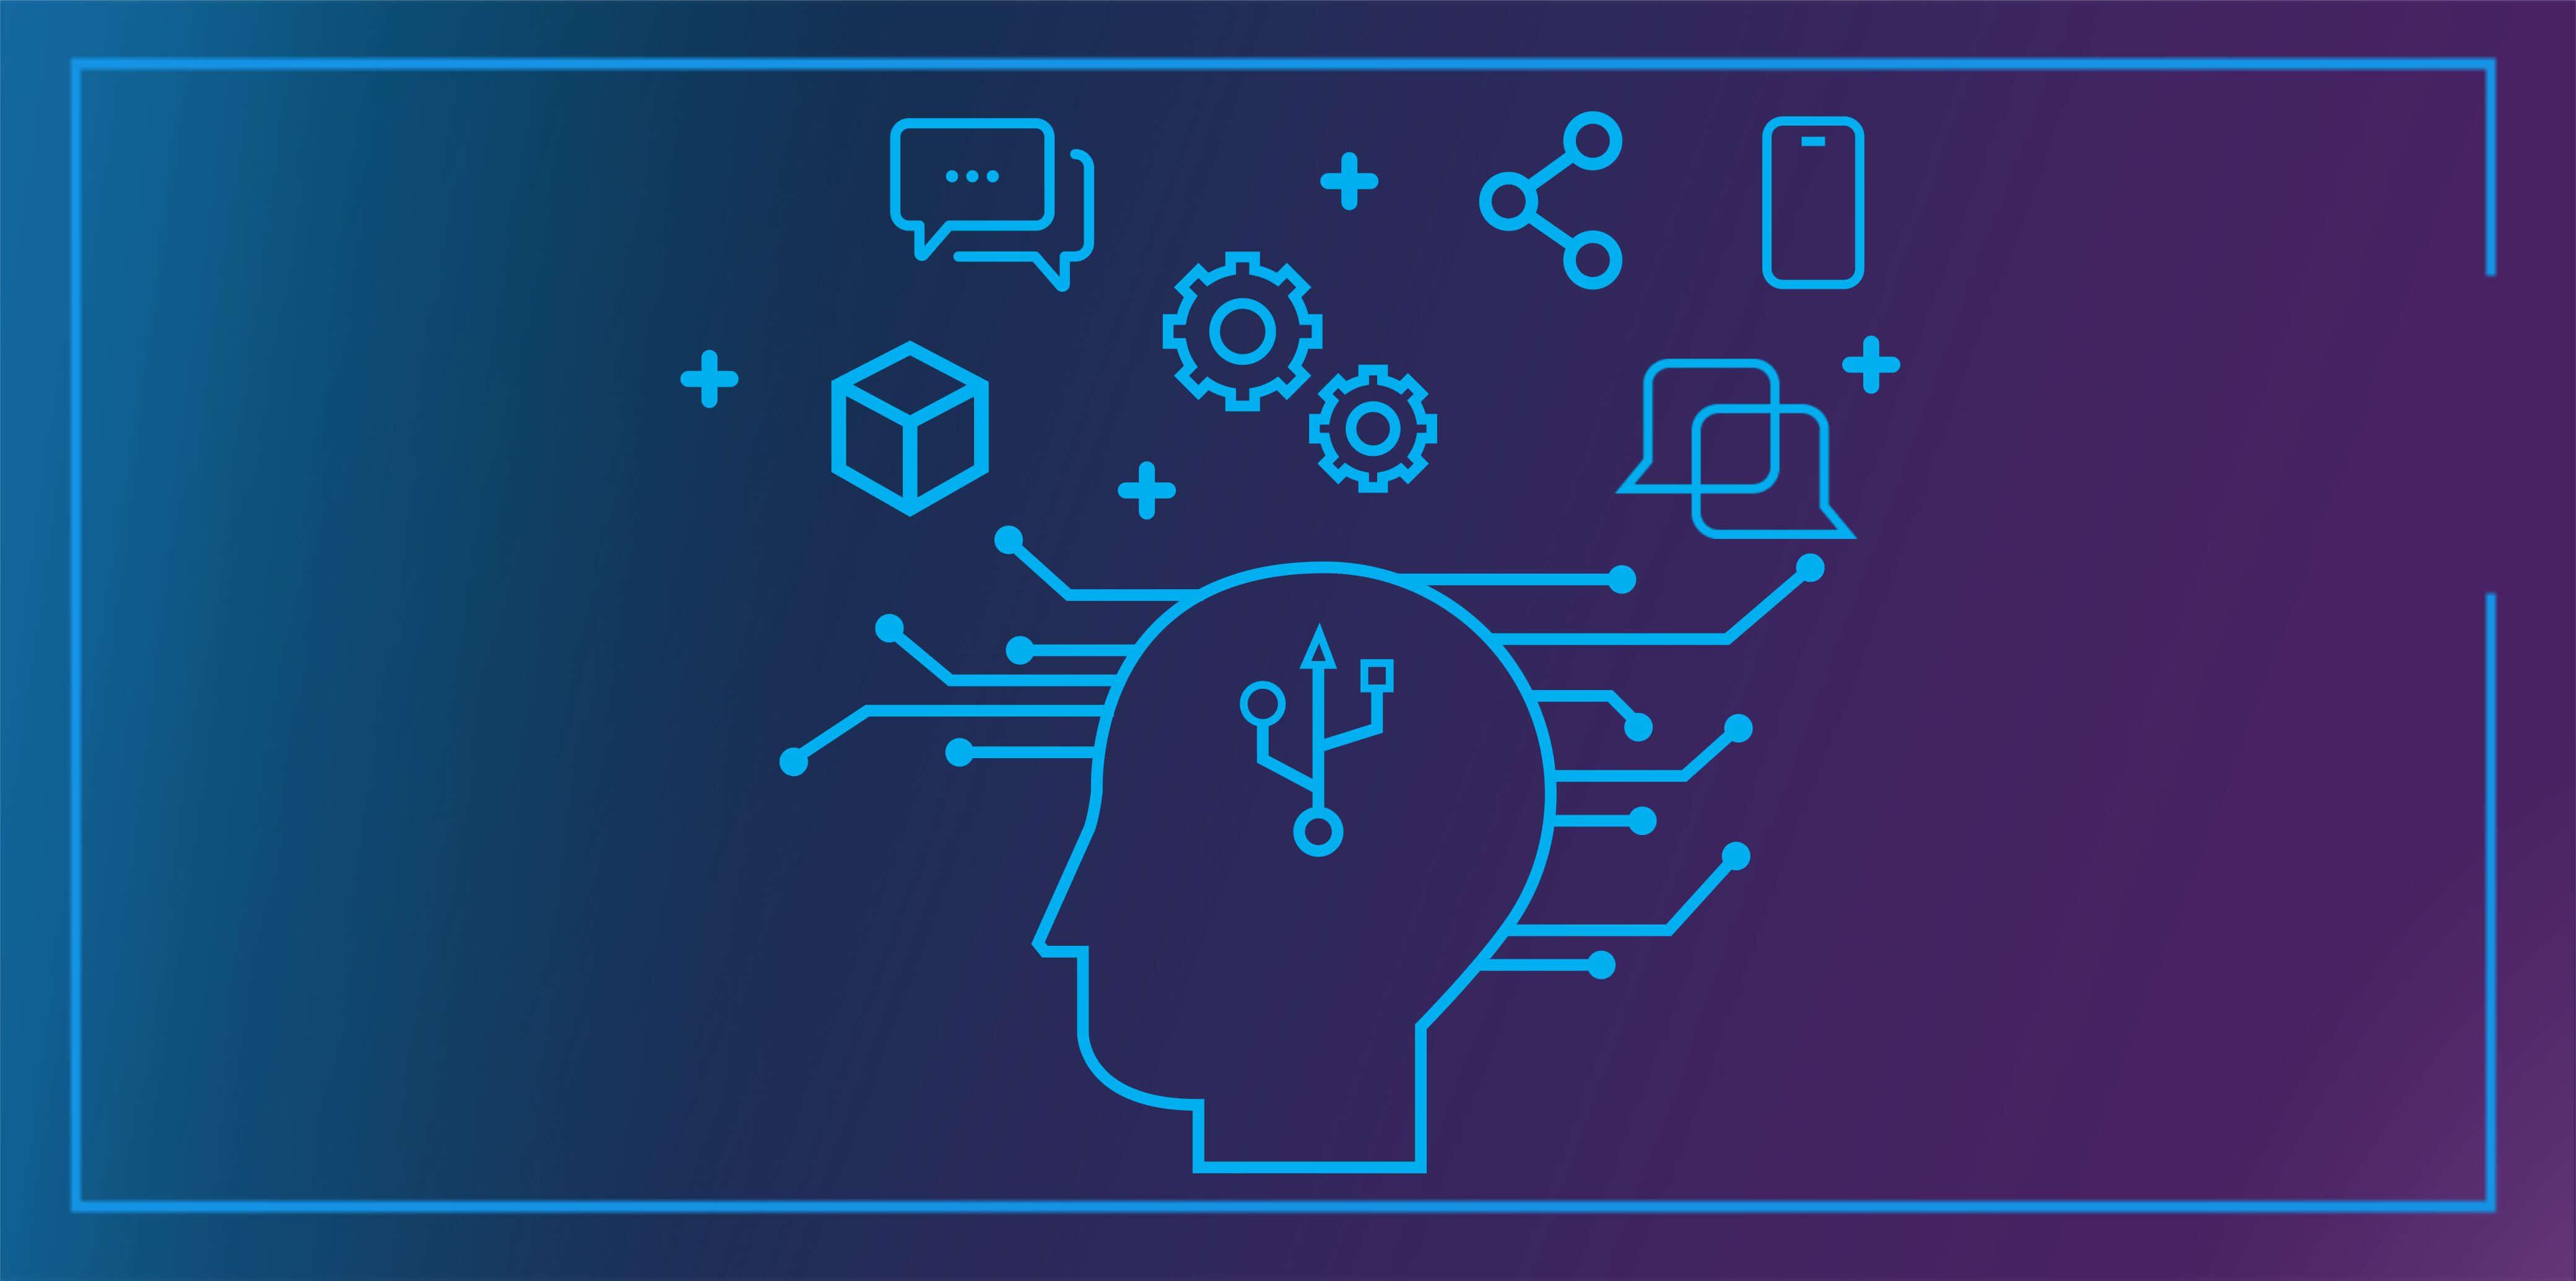 167358-saiba-como-a-inteligencia-artificial-e-utilizada-por-chatbots-1